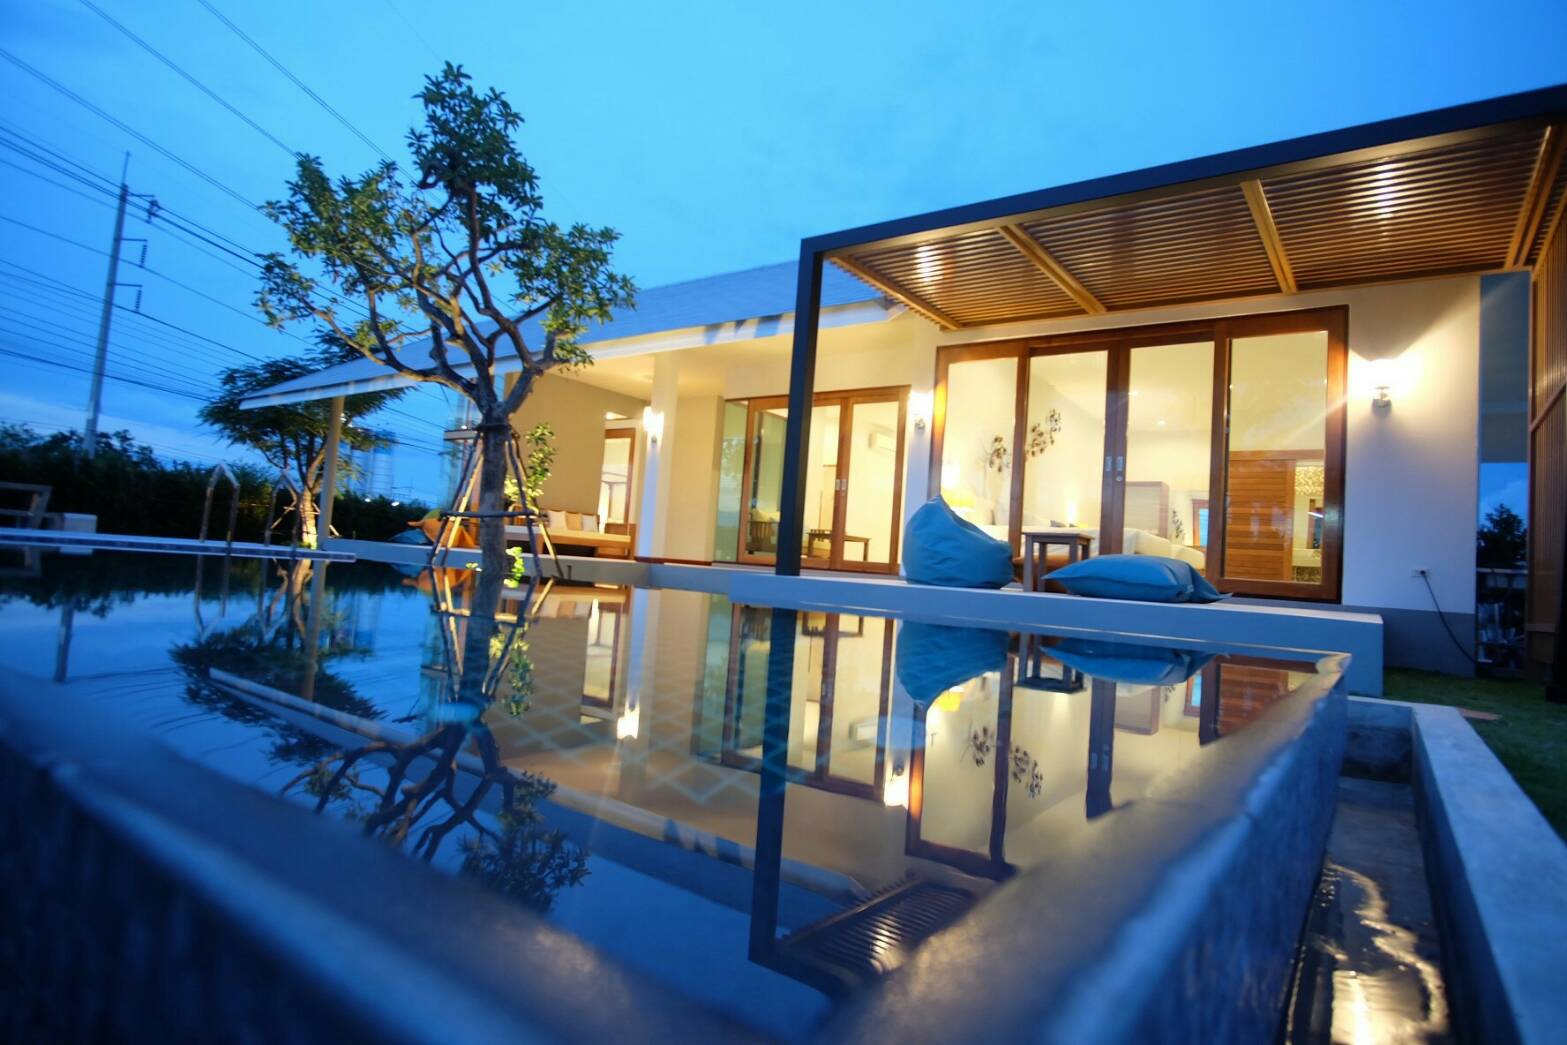 บ้านพราว พูลวิลล่า หัวหิน ซอย 112 แบบ 3 ห้องนอน 3 ห้องน้ำ